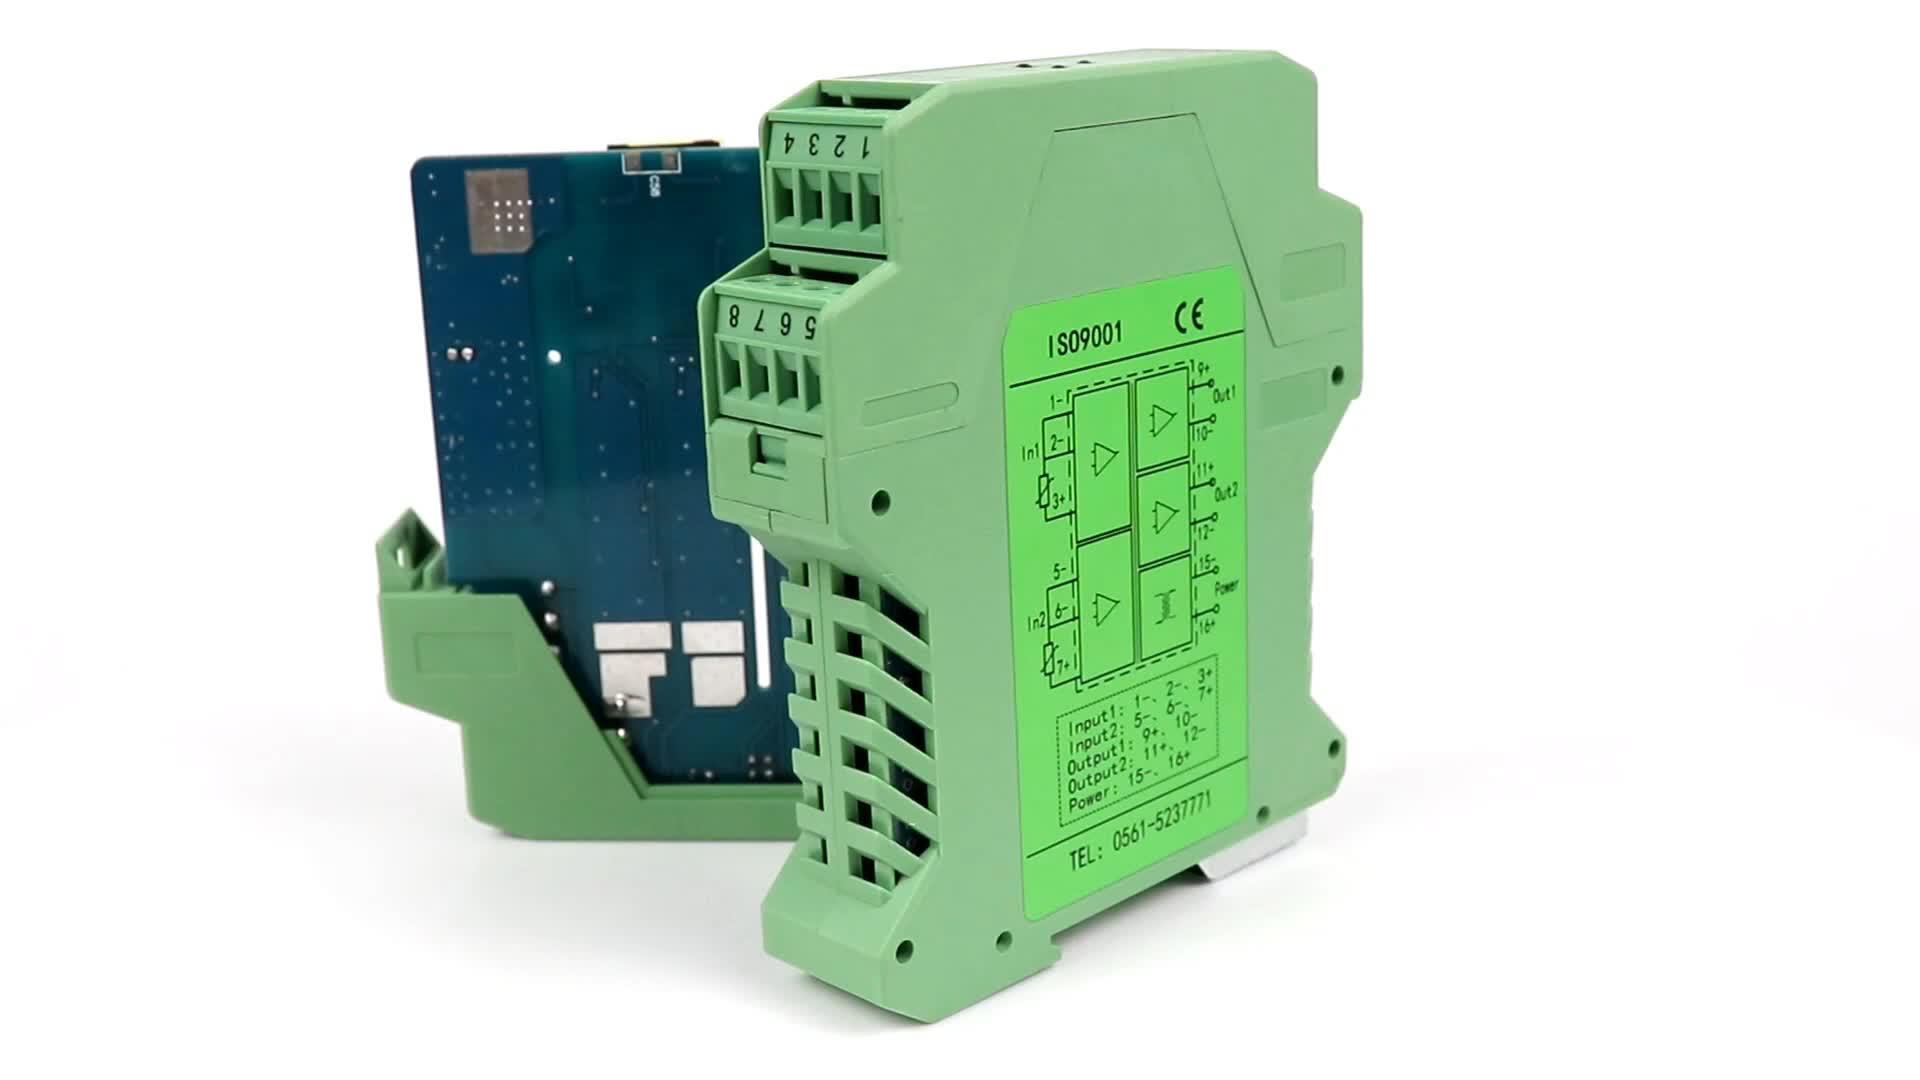 Signal analogique 0-10v 4 20ma sortie résistance thermique cu50 pt100 transmetteur de température isolateur de signal